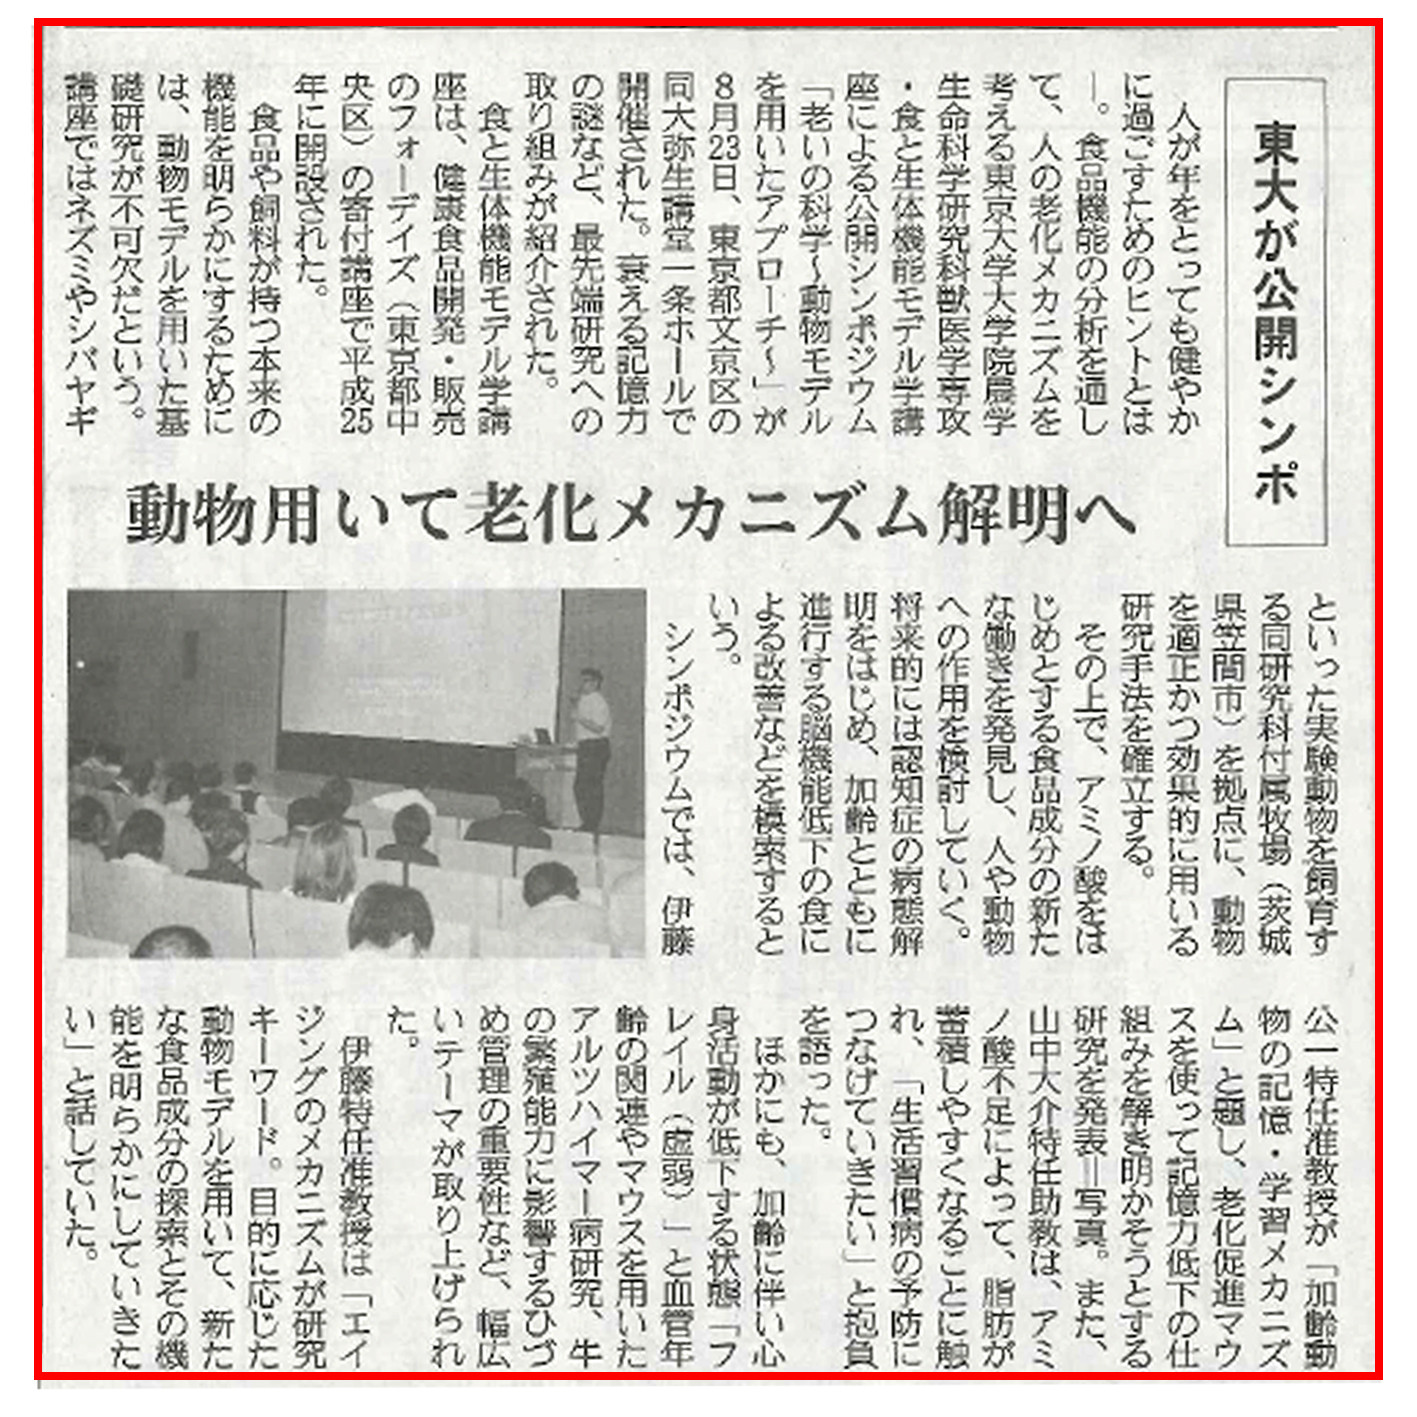 2017/9/27 産経新聞(東京本社版)